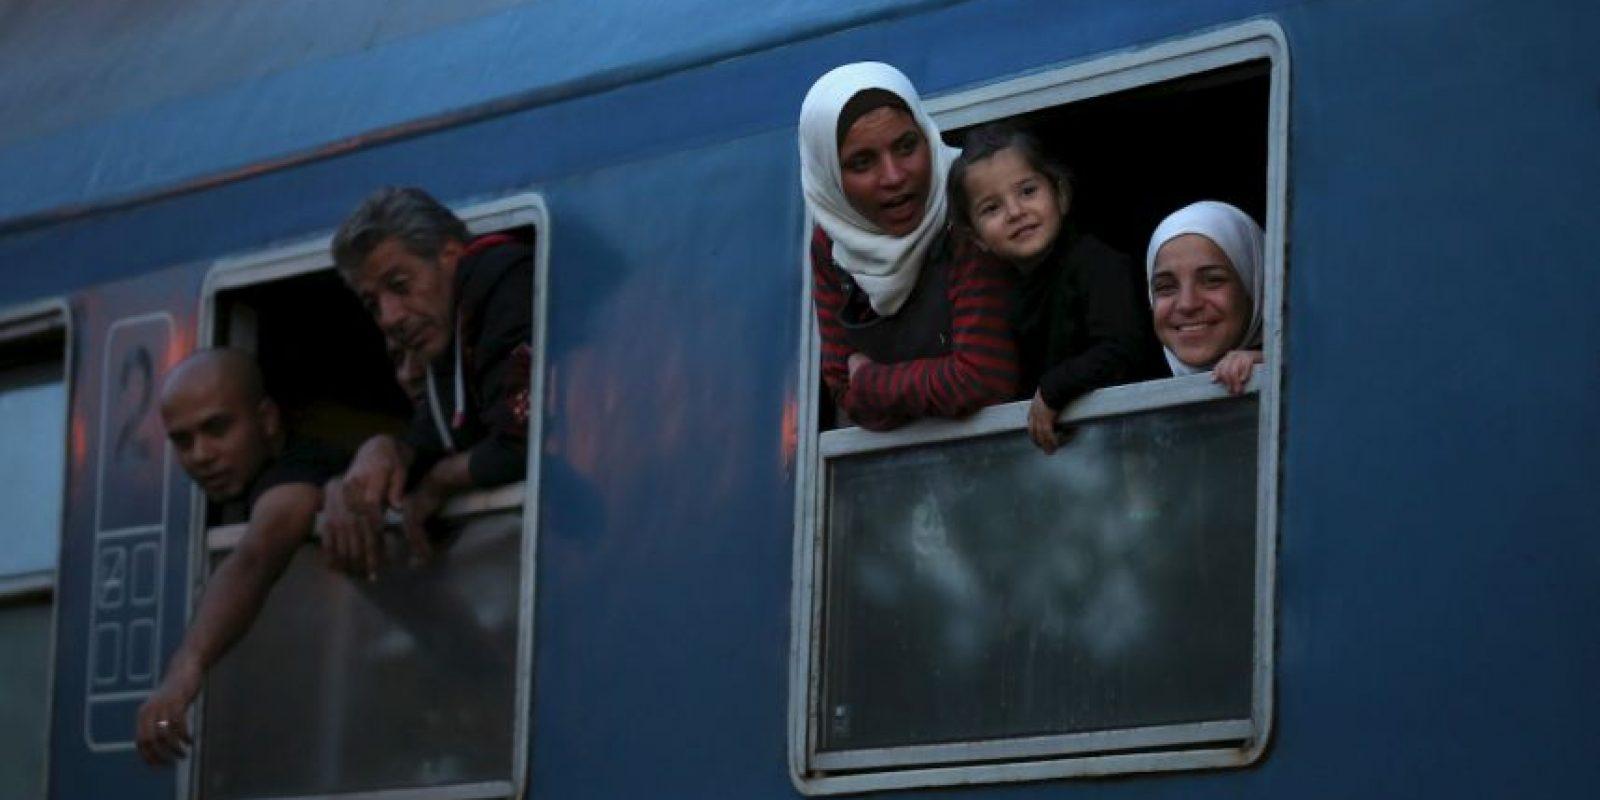 Serán rechazados quienes hayan cometido un crimen de guerra o contra la humanidad. También, quienes sean perseguidos por el derecho común y quienes realicen actos contrarios a los principios de Naciones Unidas. Foto:Getty Images